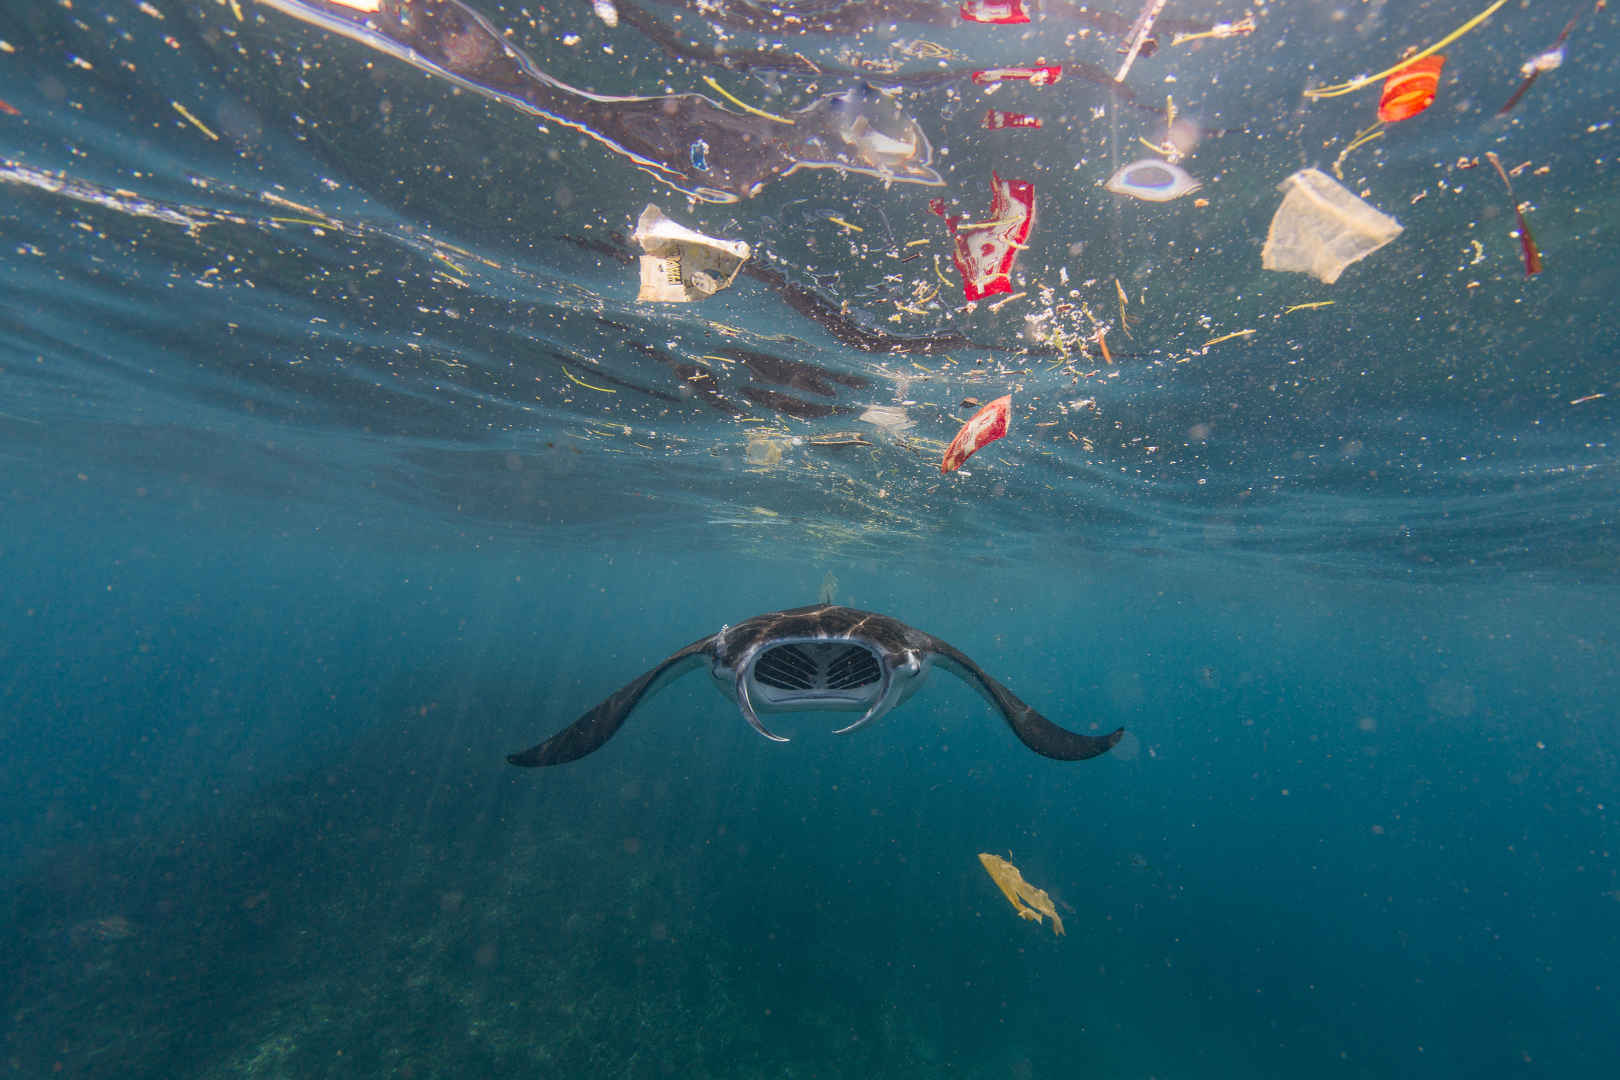 Plastik Tiere: Manta schwimmt durch ein Meer von Plastik